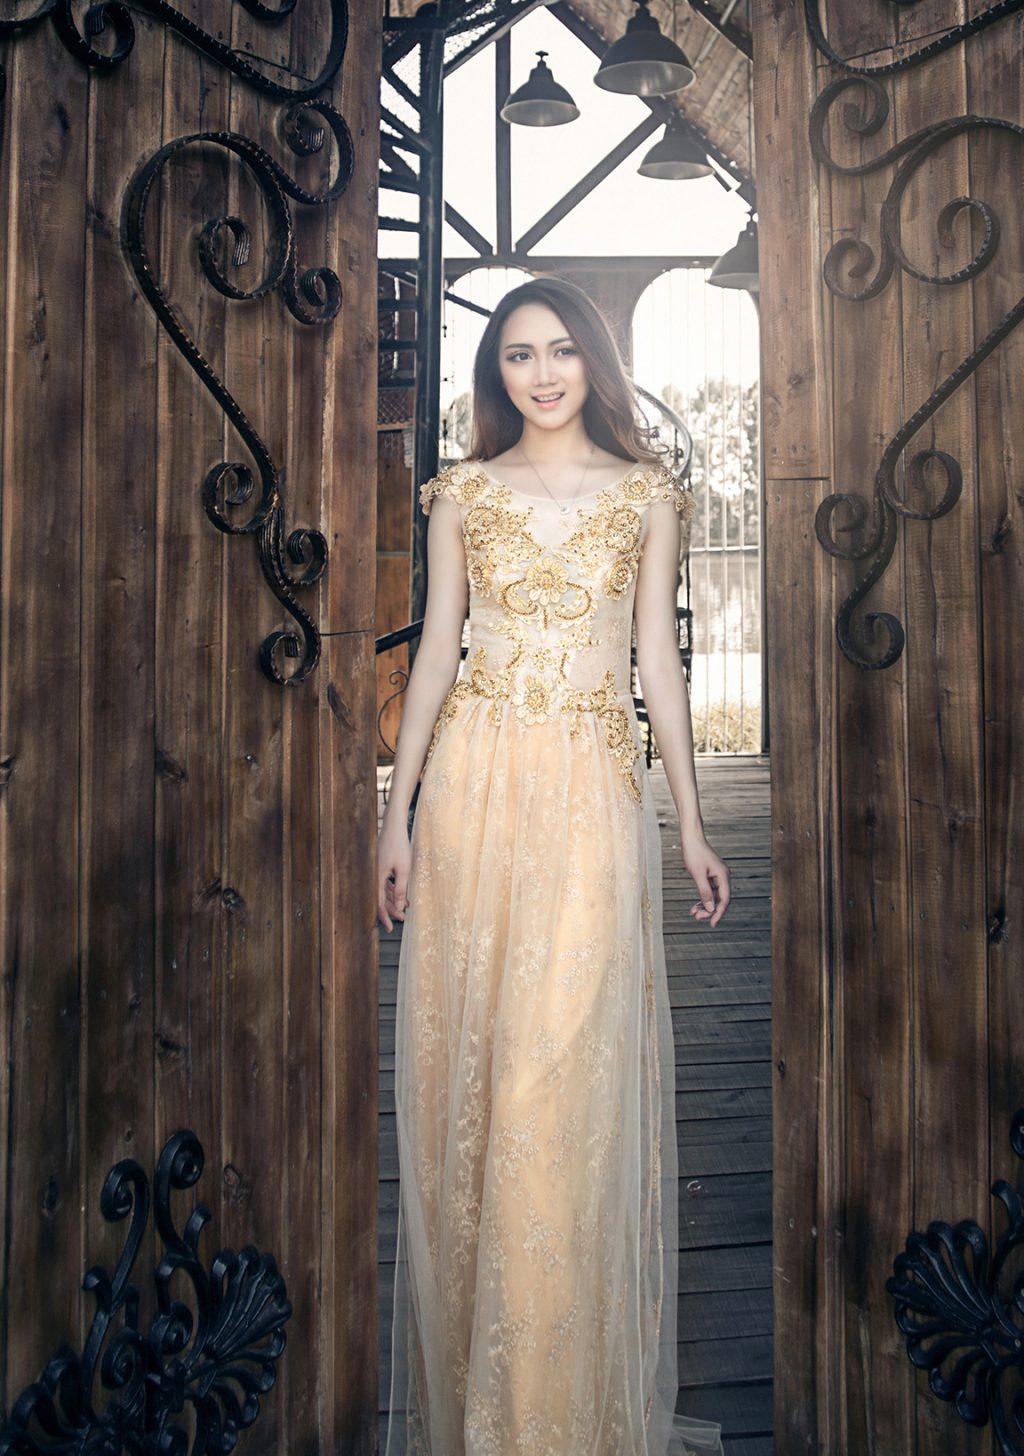 Mẫu áo dài cưới đẹp - áo dài tay lửng - elle vn